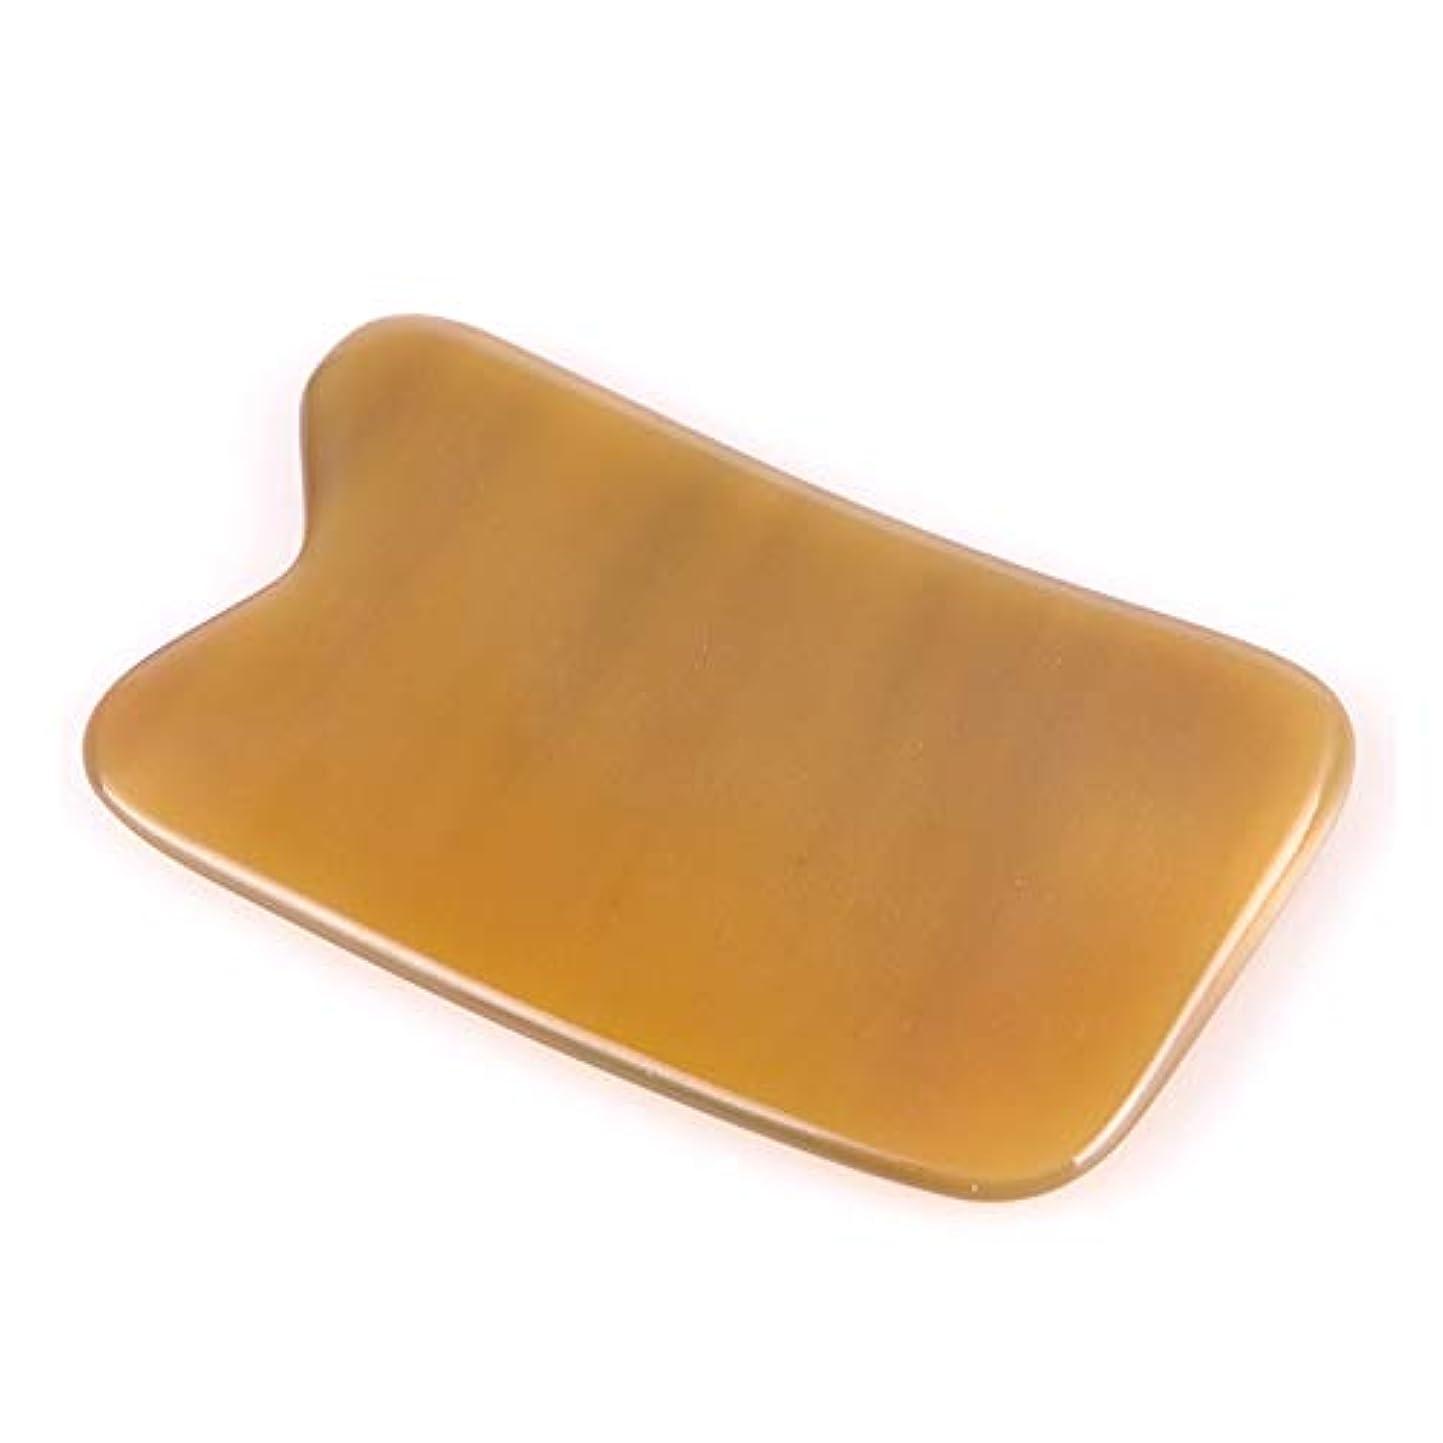 死んでいる真鍮容量MUOBOFU ヤクの角製顔マッサージスクレーパー 四角形 顔?背中?足マッサージ?カッサ?美容 多用